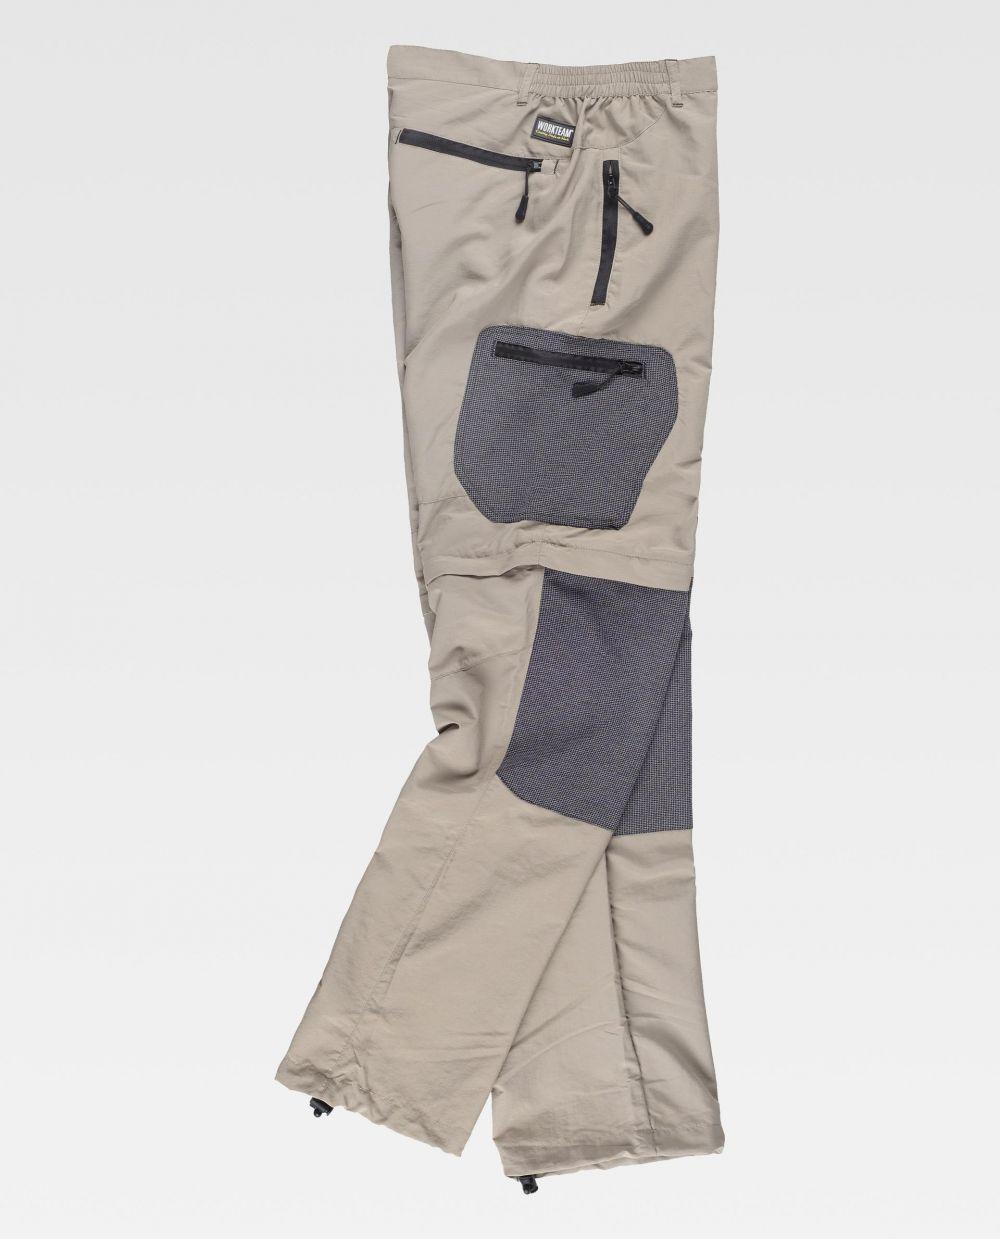 Pantalones de trabajo workteam s9870 de 100% algodón con impresión vista 2